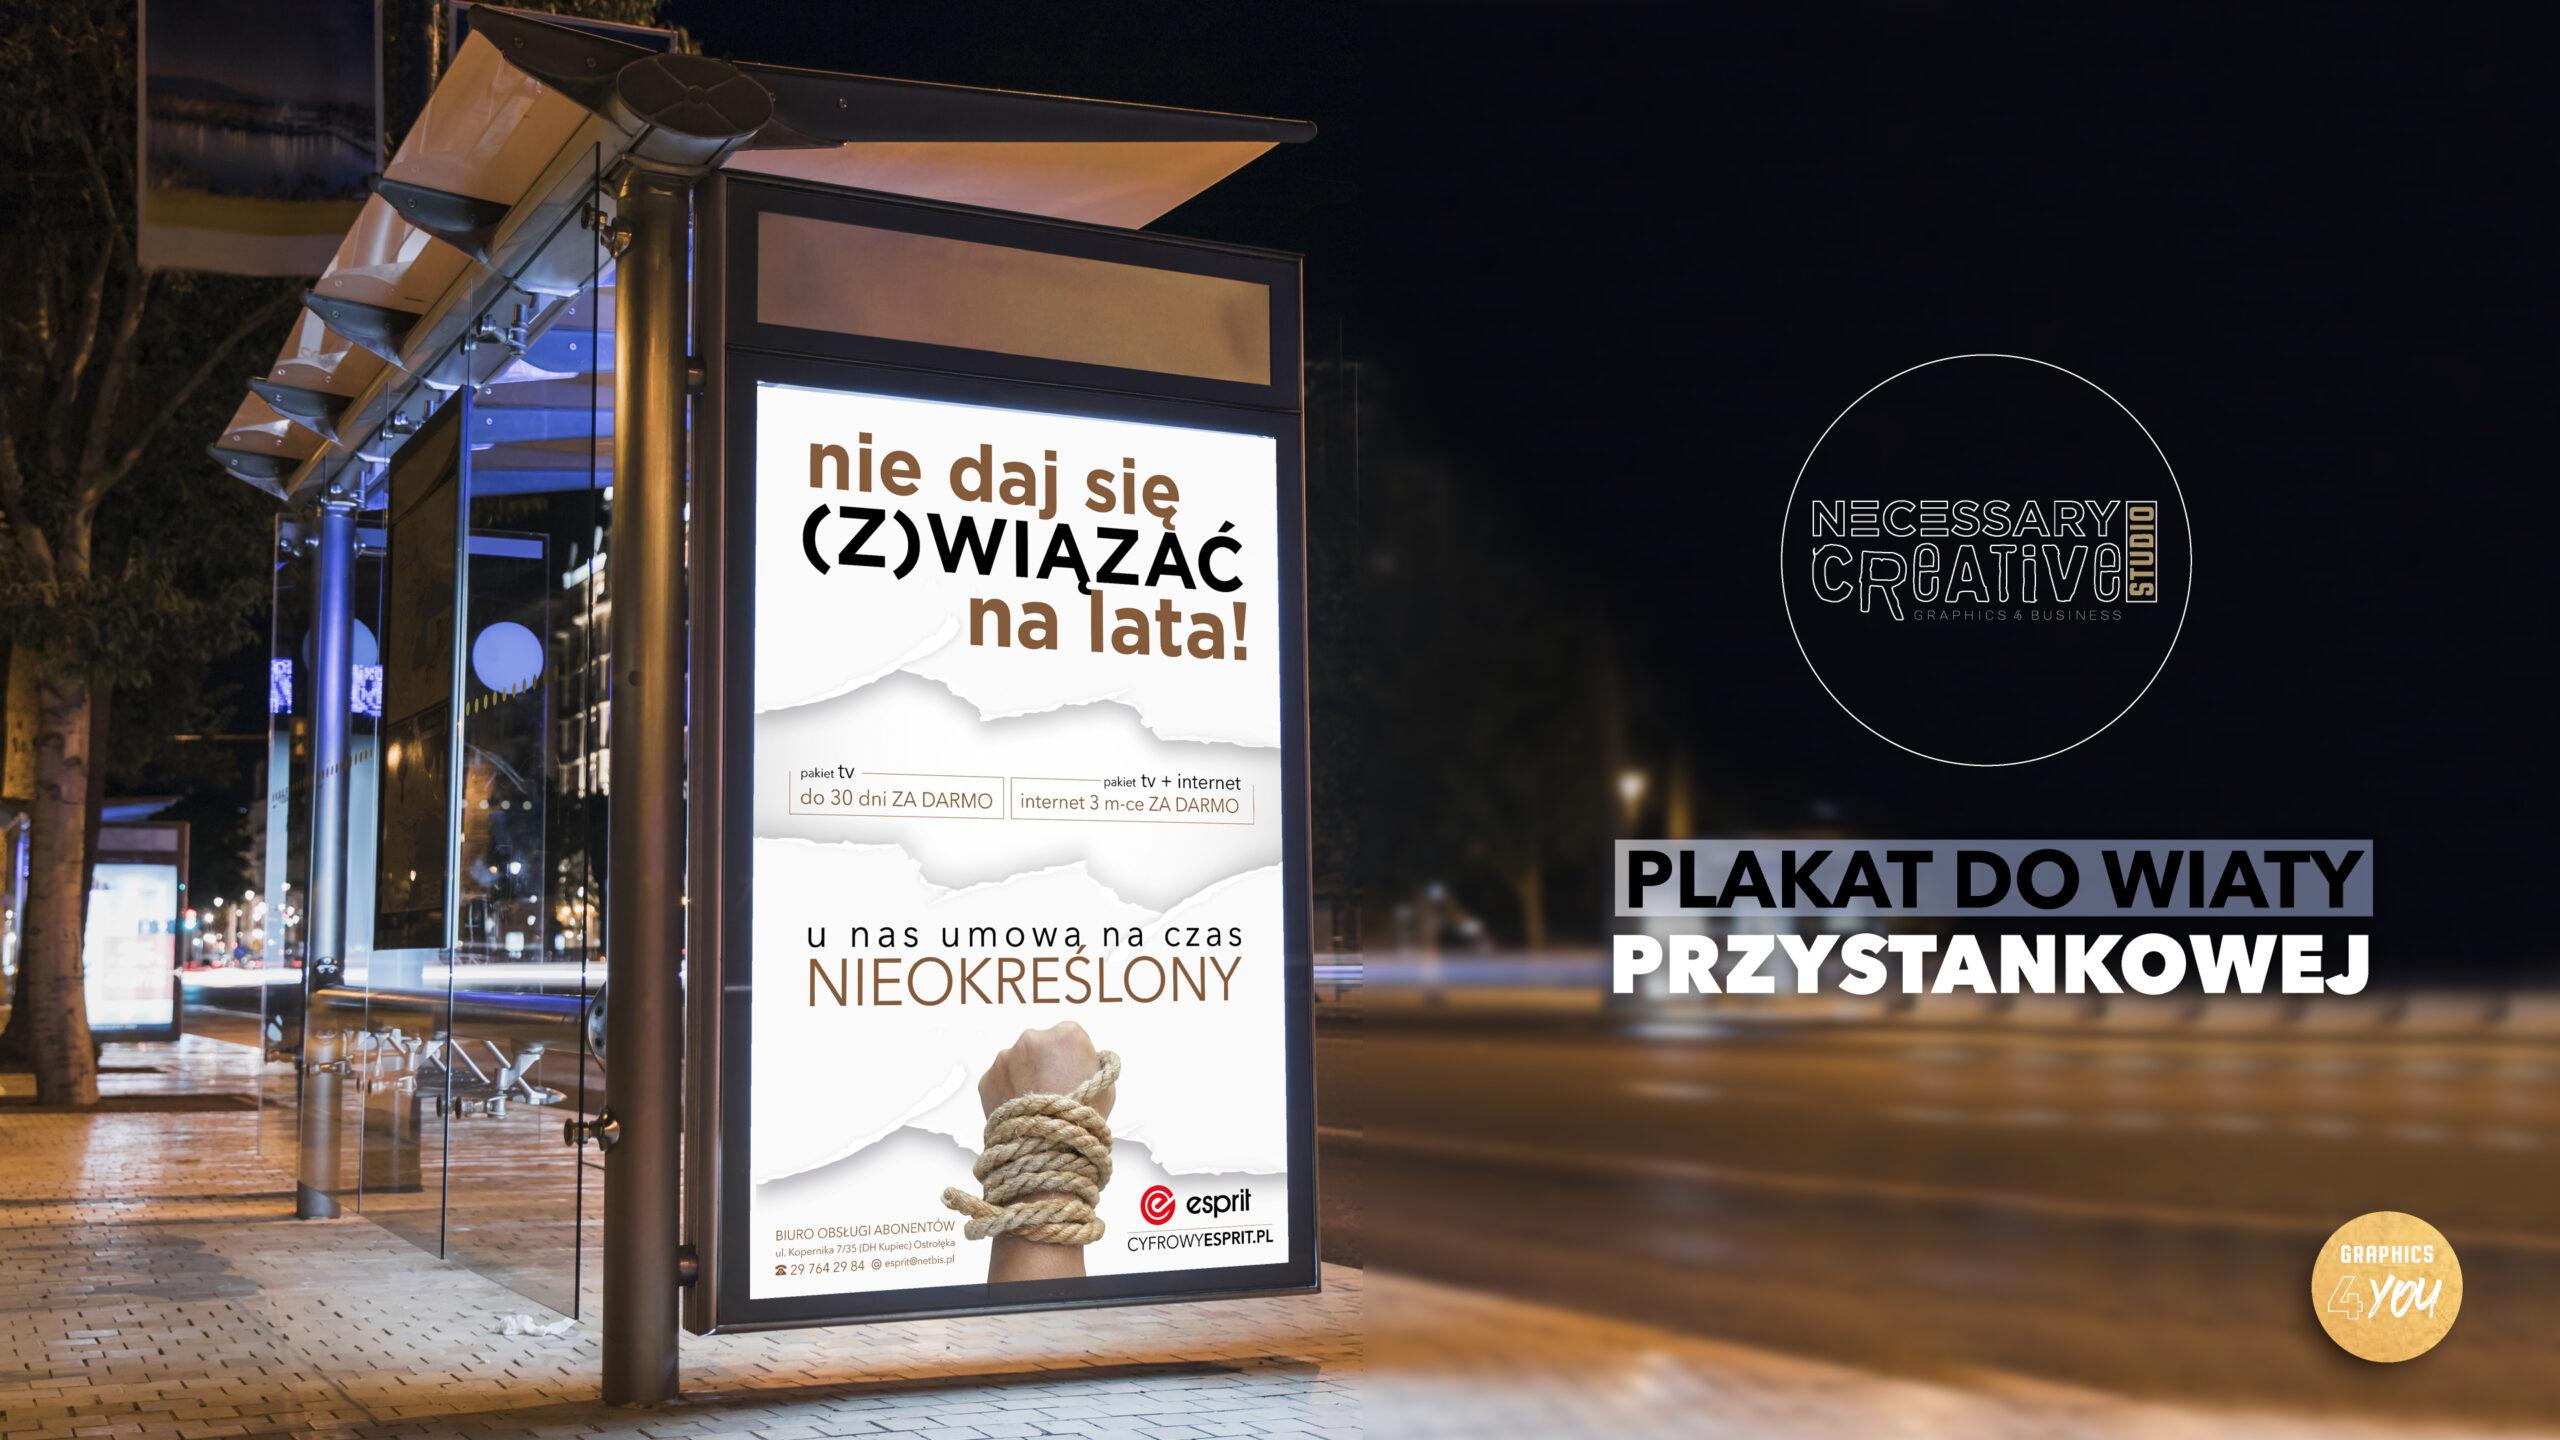 Plakaty Przystanek Projekt Plakatów Necessary Creative Studio